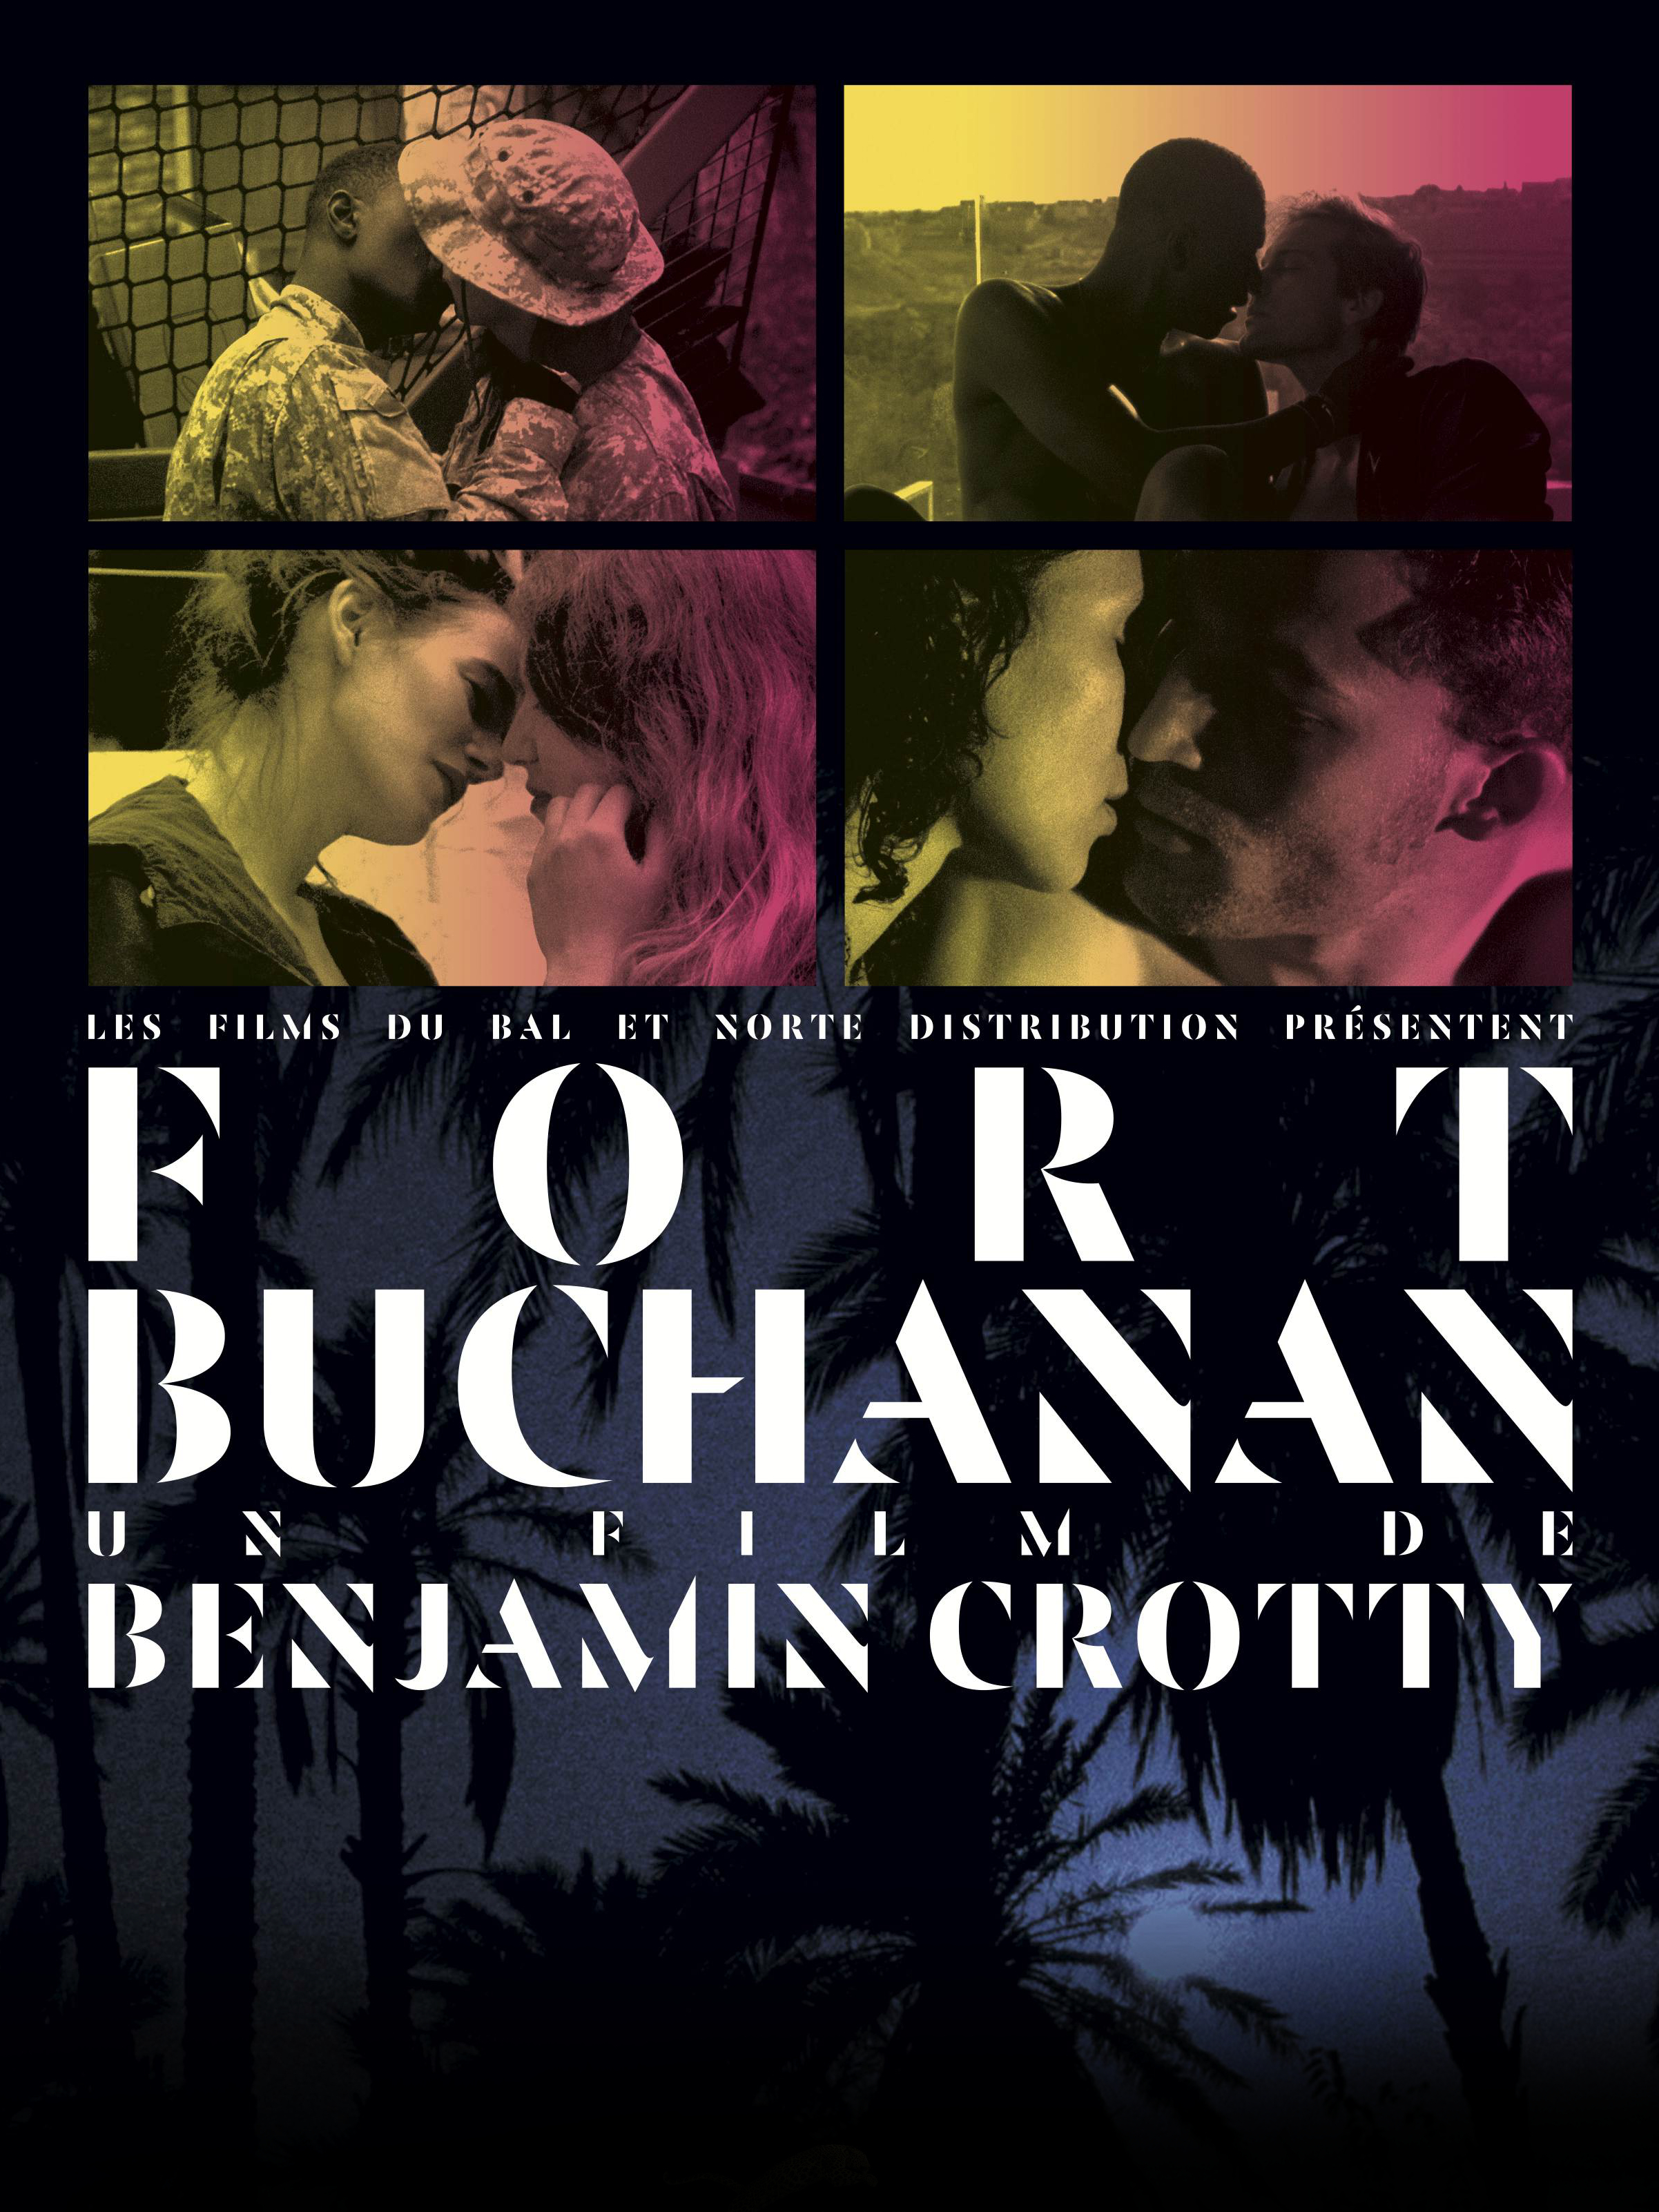 Fort Buchanan   Crotty, Benjamin (Réalisateur)